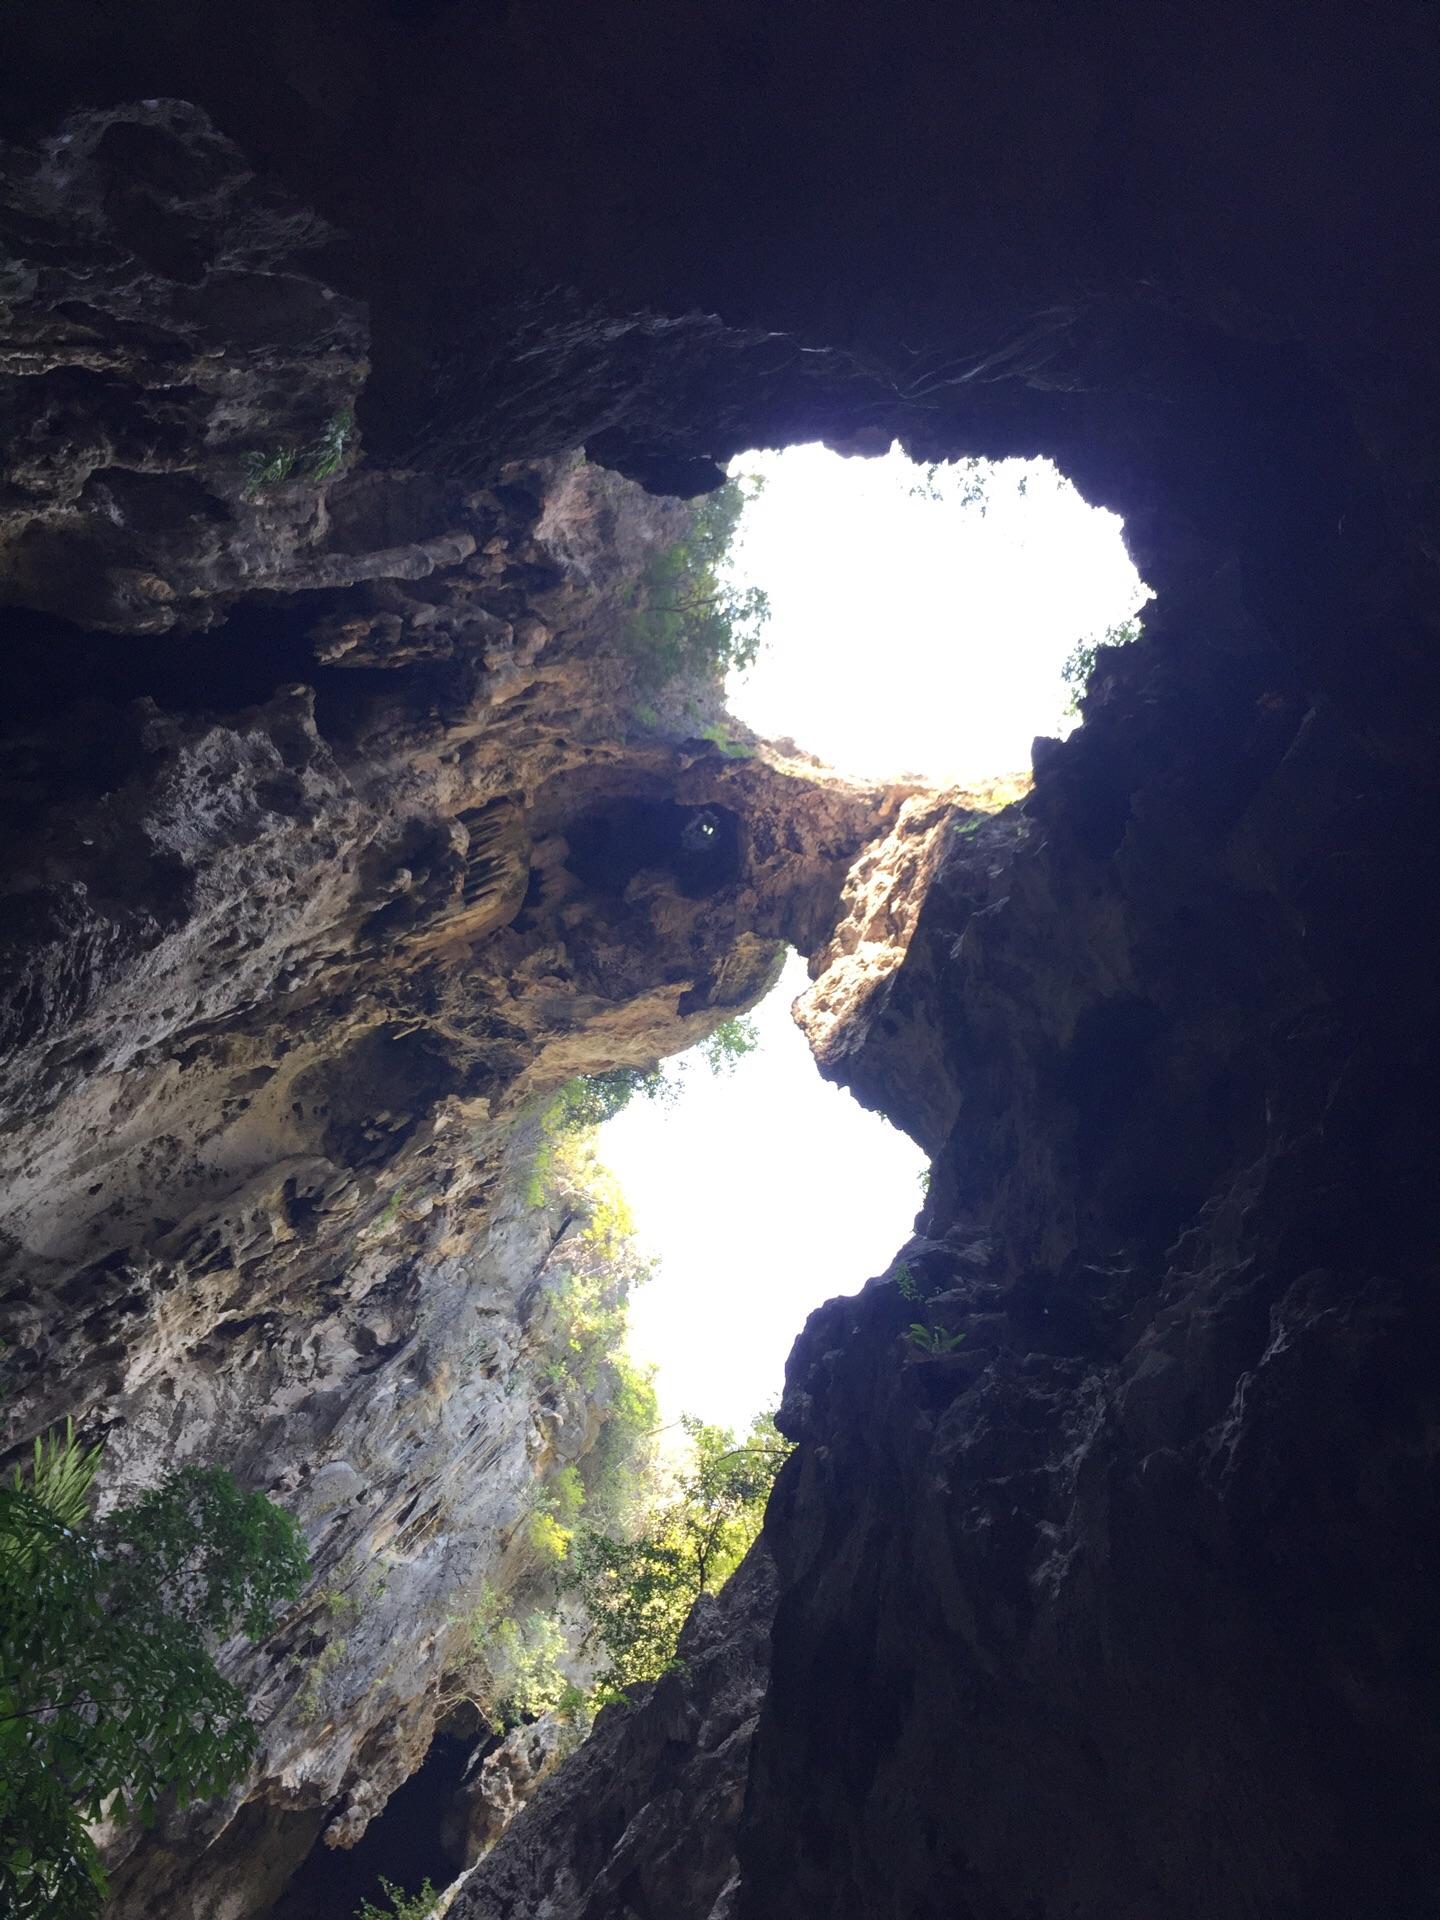 在那能找到A片_2020帕亚那空山洞-旅游攻略-门票-地址-问答-游记点评,华欣旅游 ...